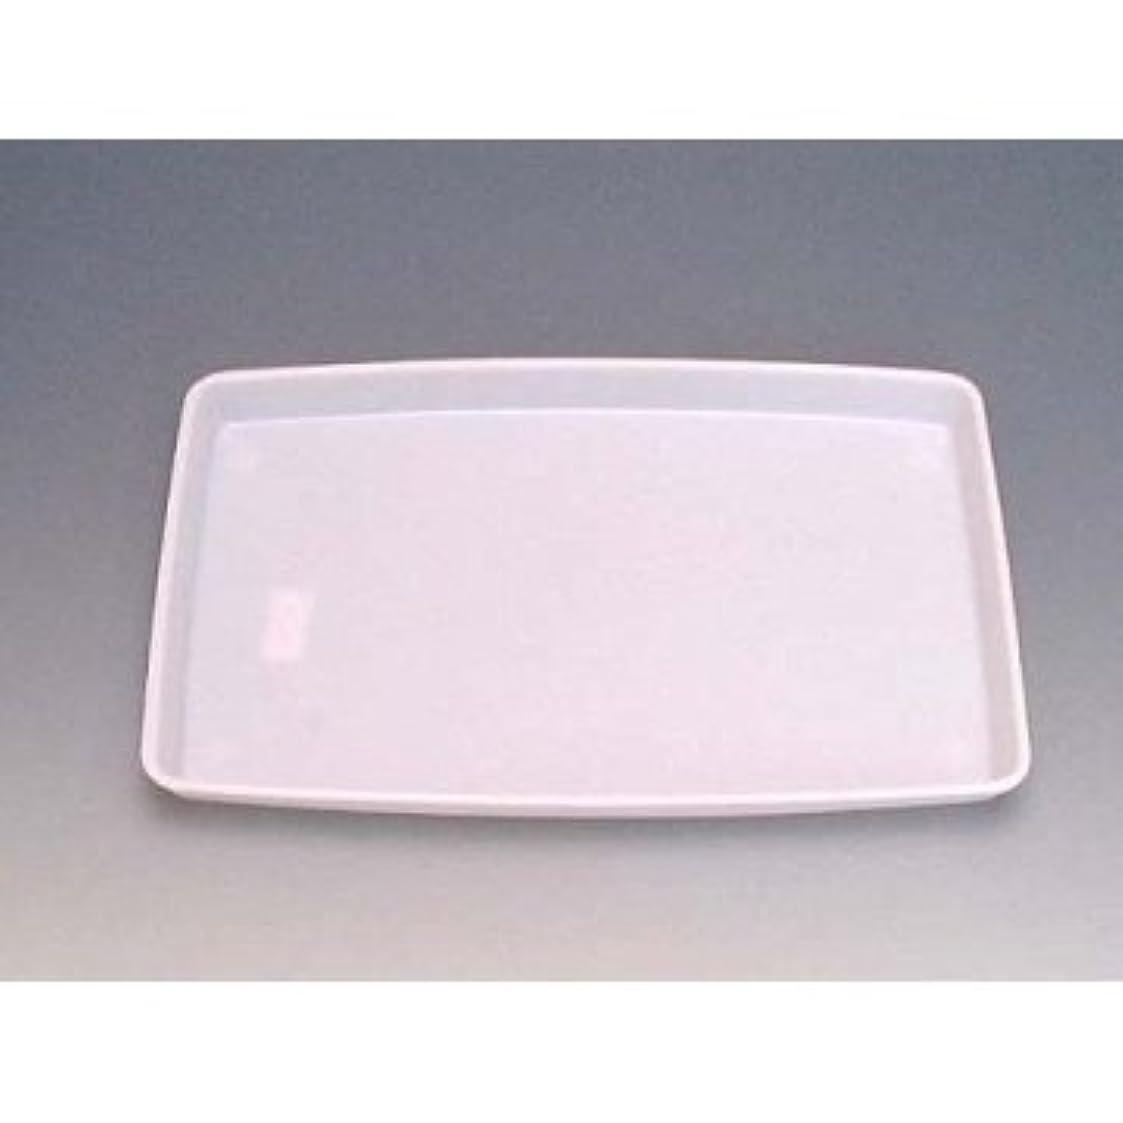 カラス移民半球米正 エバーメイト われない台皿 カラーホワイト